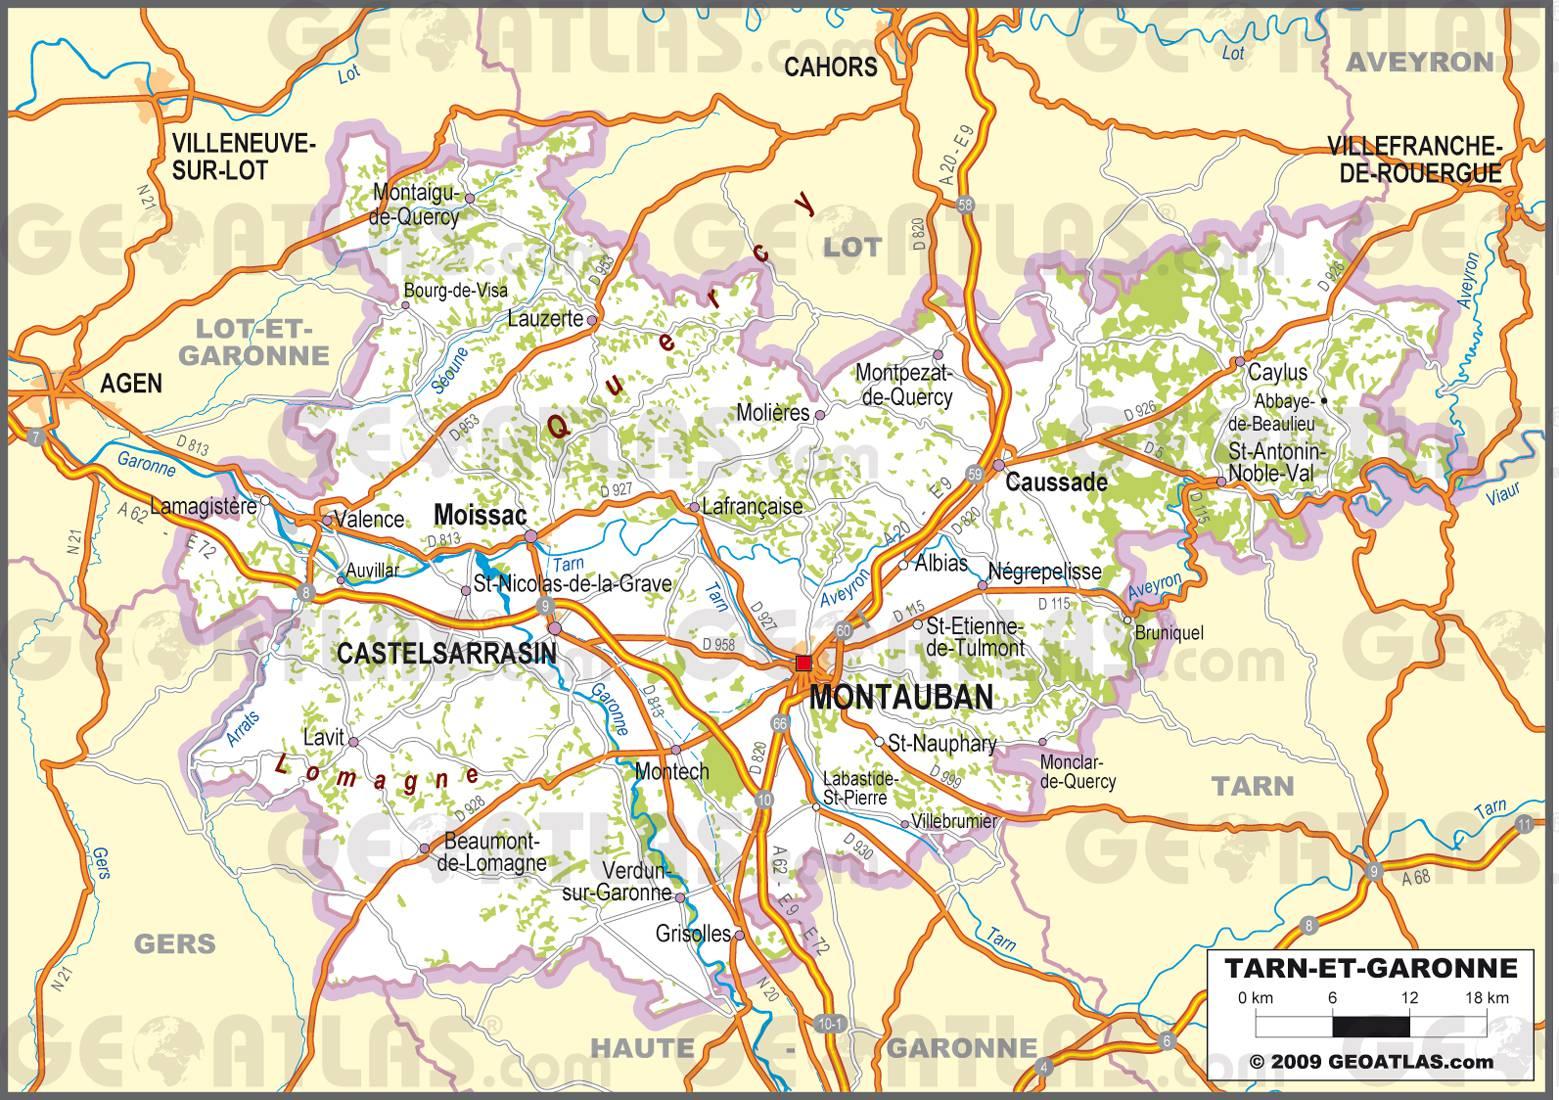 Carte routière du Tarn-et-Garonne